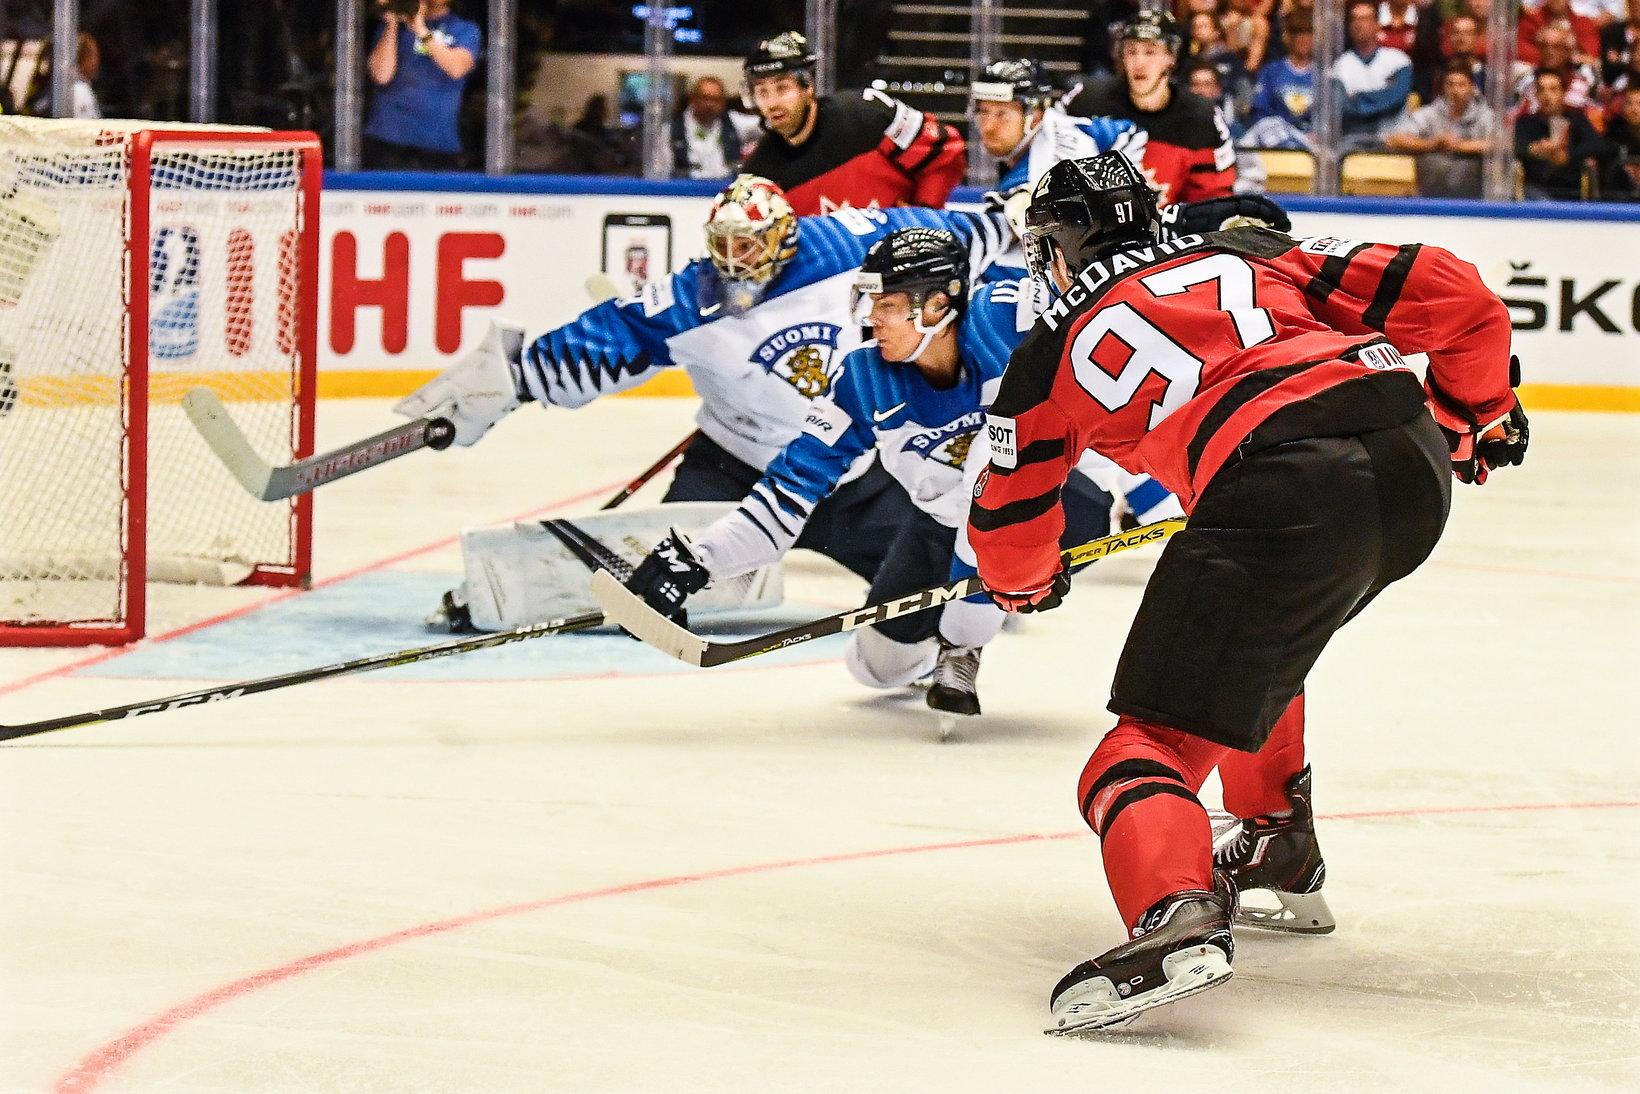 SP hokej na ledu: Finci uvjerljivo porazili Kanadu